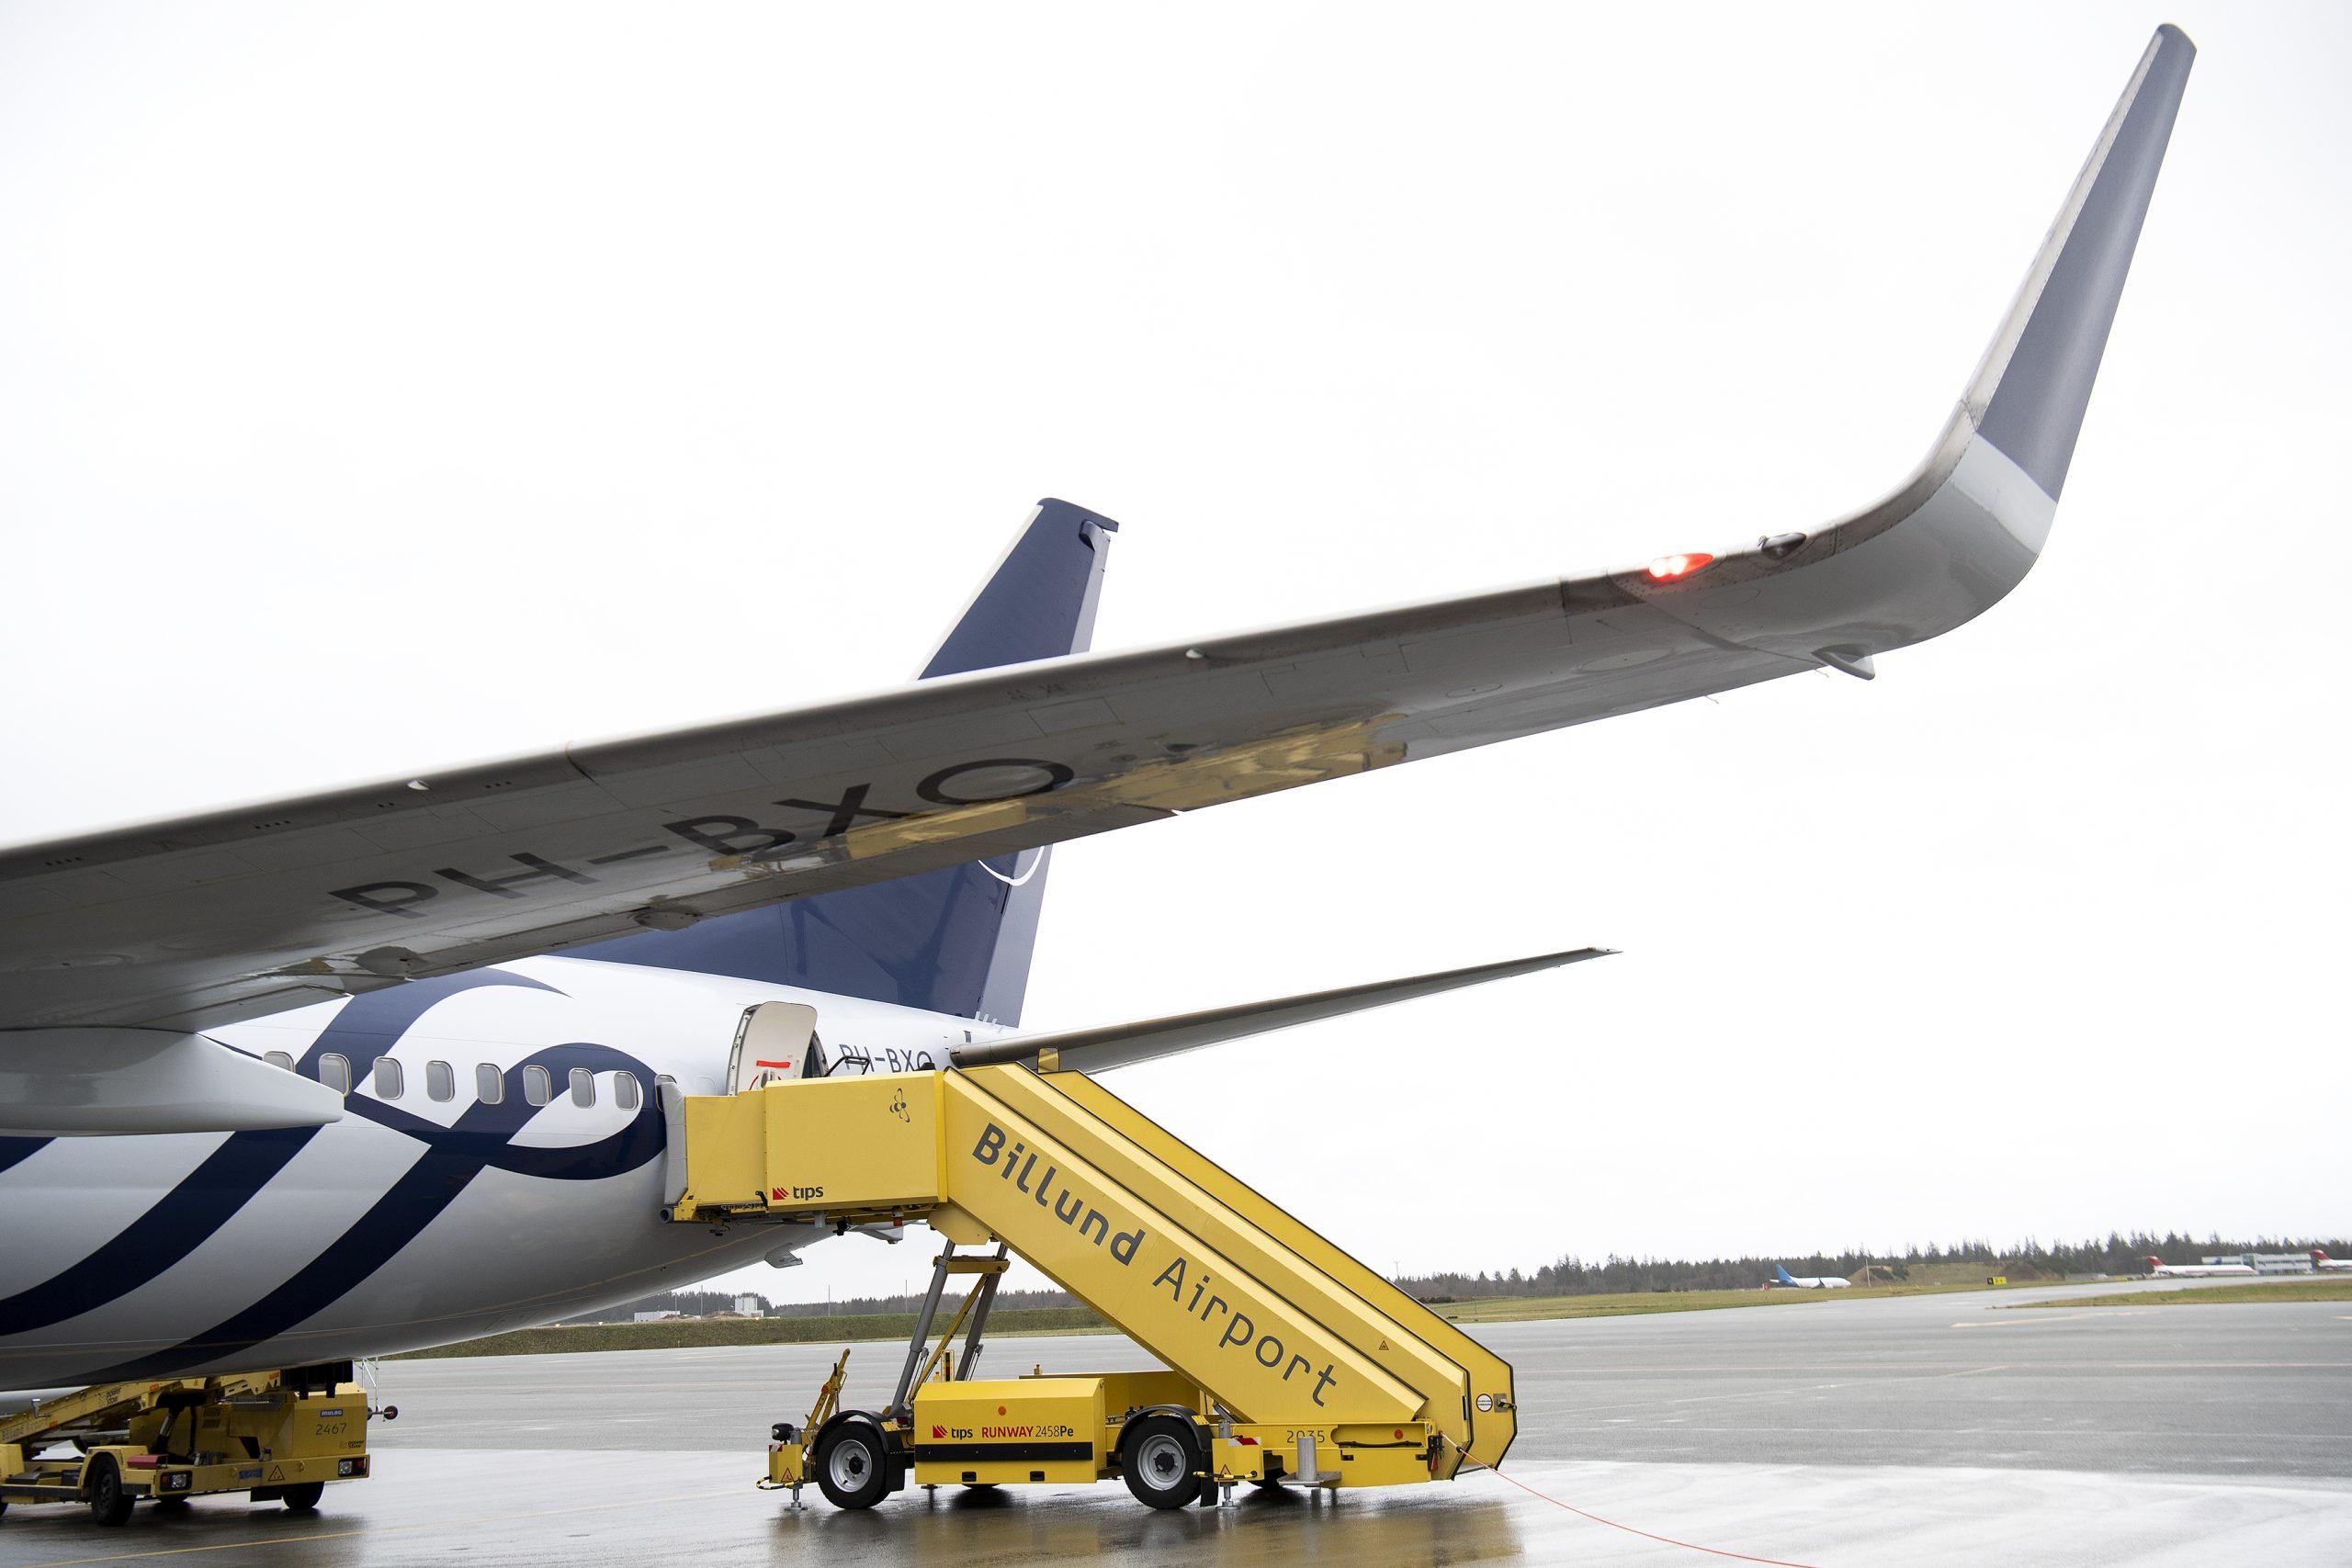 I forhold til sidste år er priserne på flybilletter indenfor Europa i snit faldet 32 procent fra Danmarks tre største lufthavne, Billund, København og Aalborg, viser nyt pristjek. Arkivpressefoto fra Billund Lufthavn.